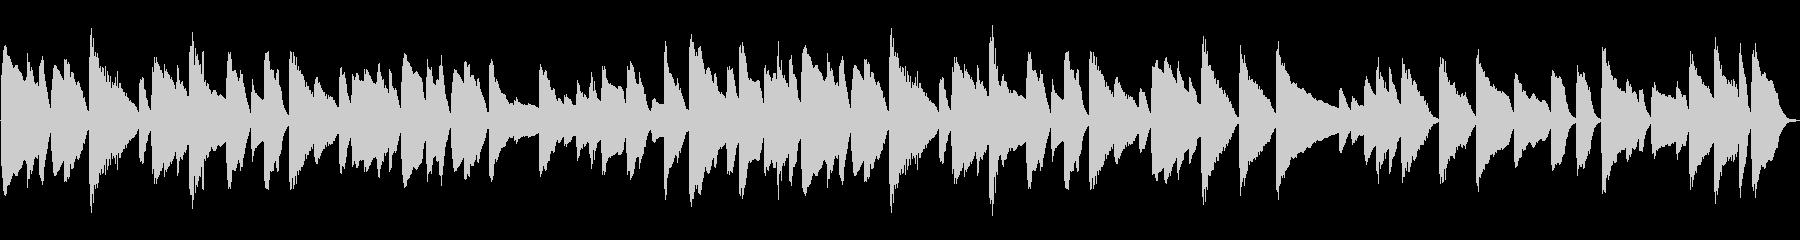 日常BGM!シンプルなピアノのループ曲の未再生の波形